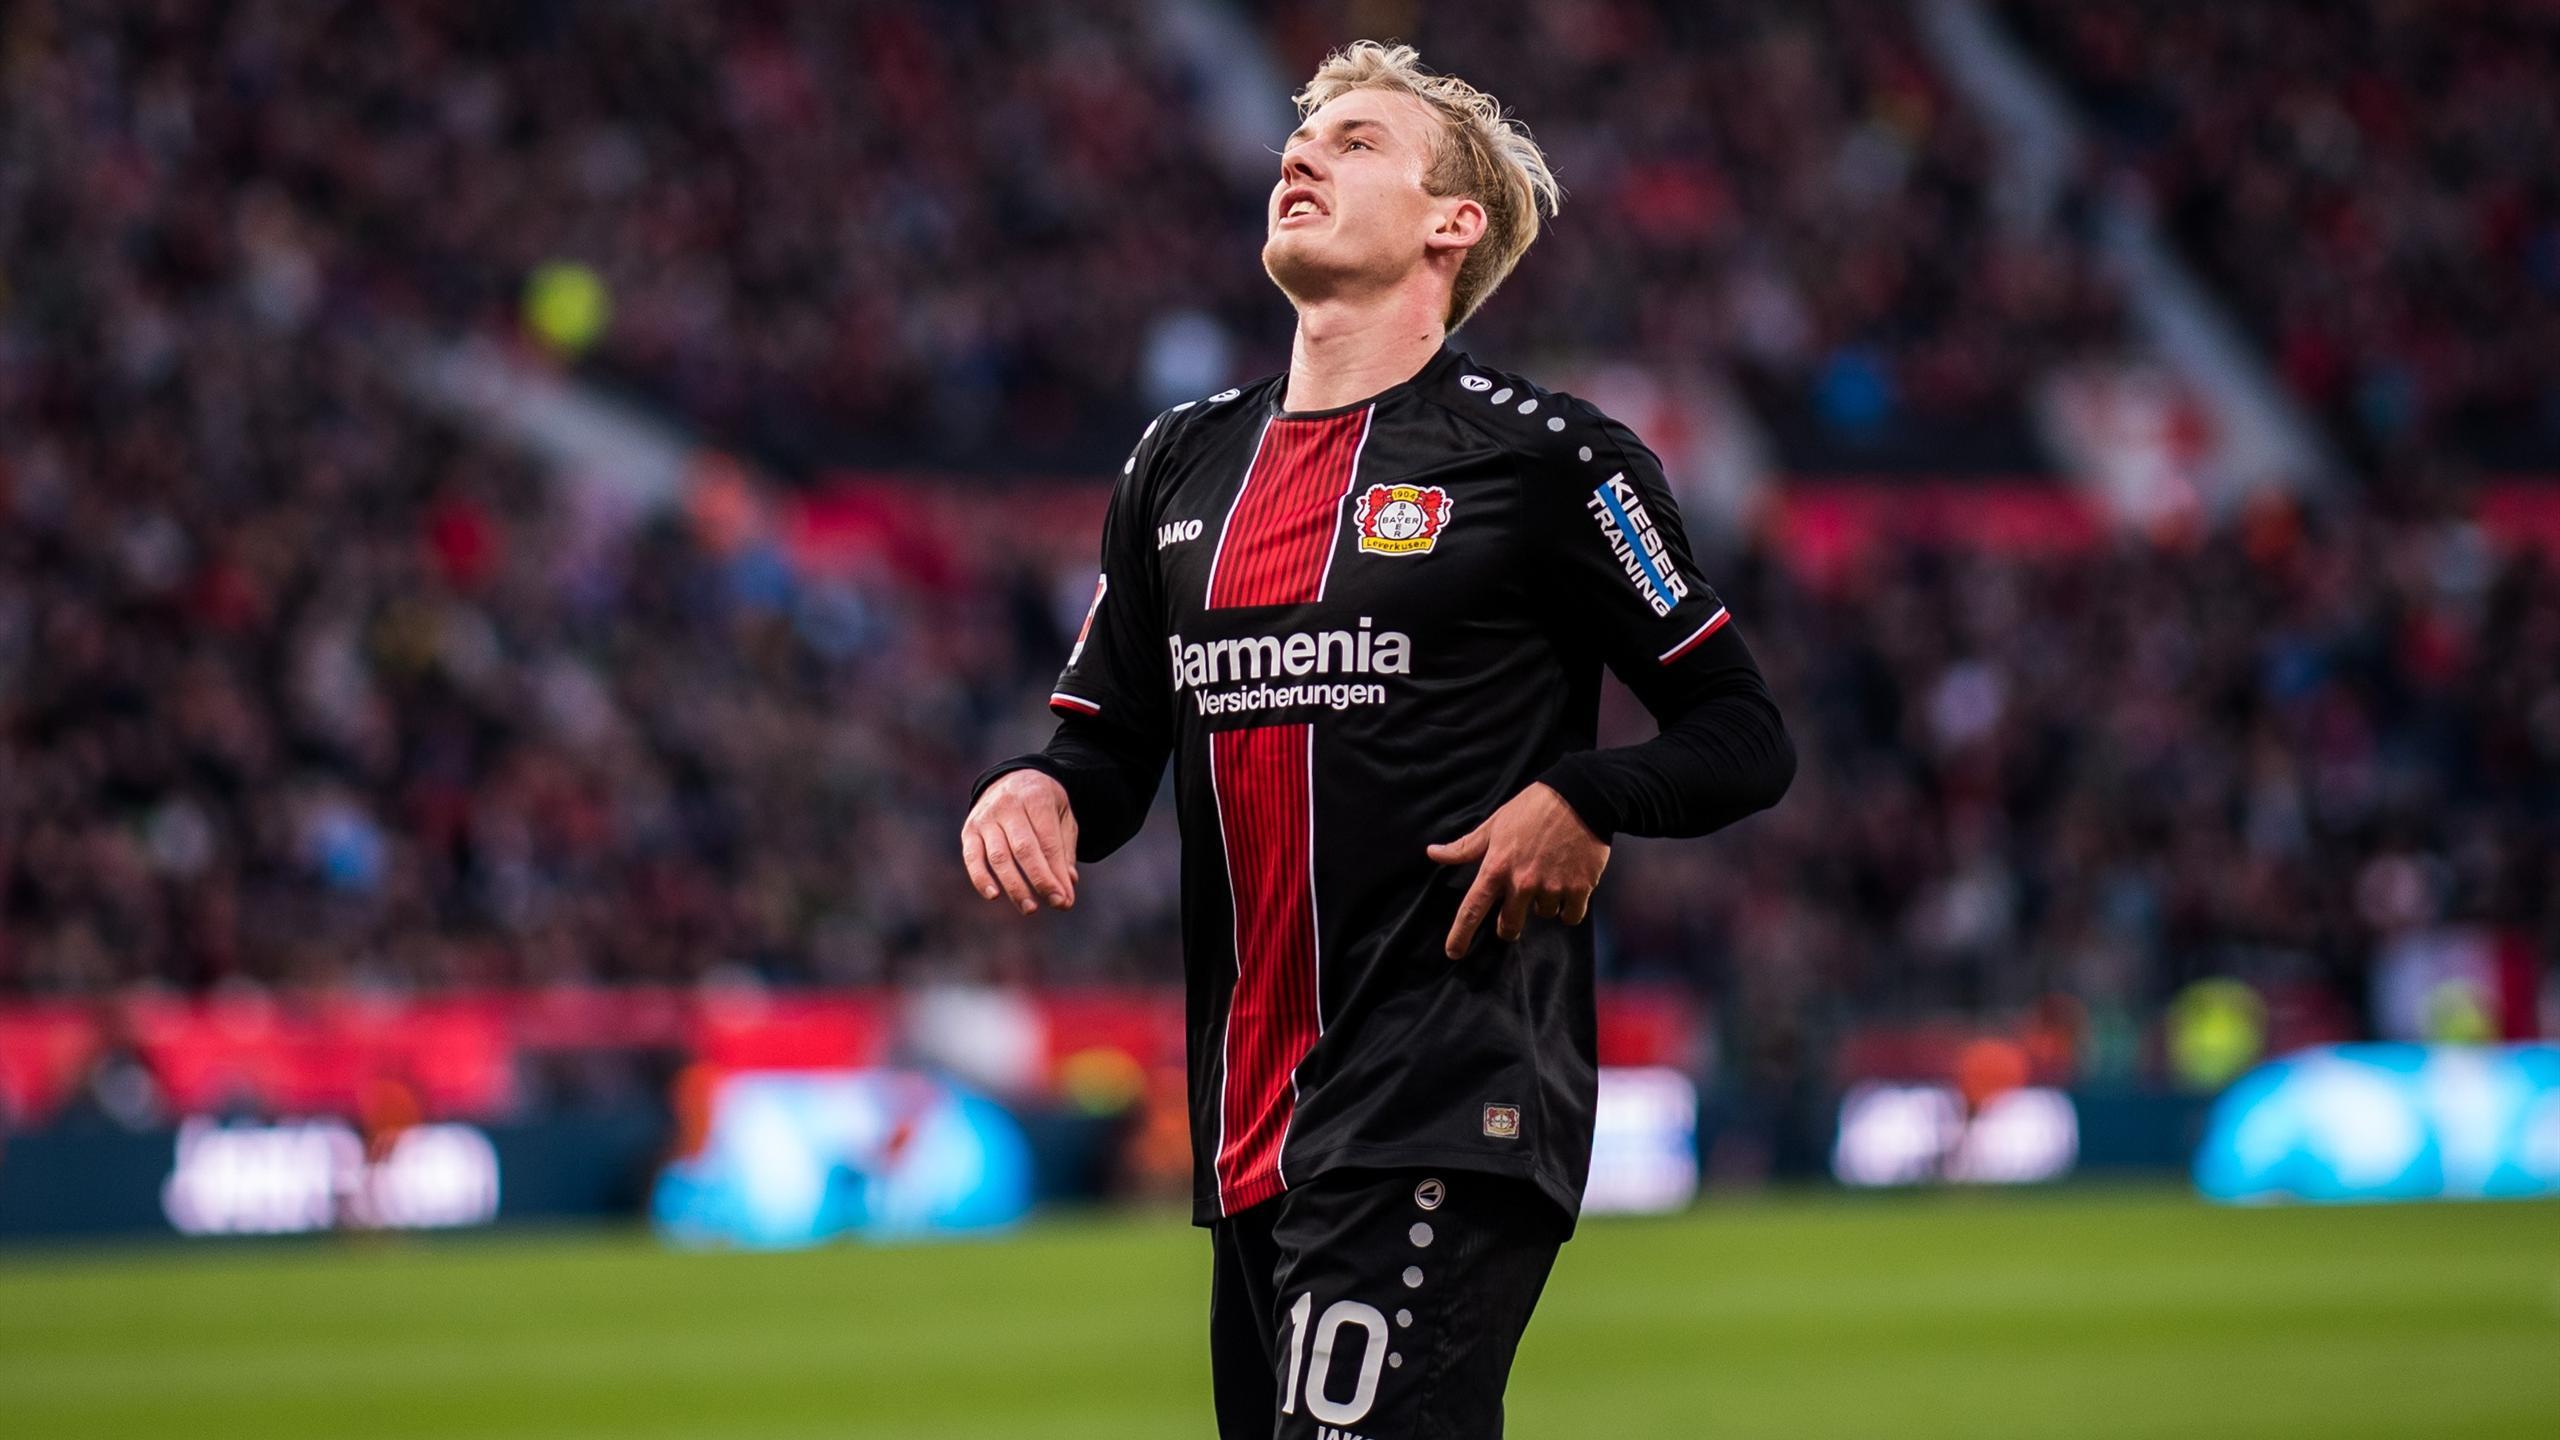 Fussball Bayer 04